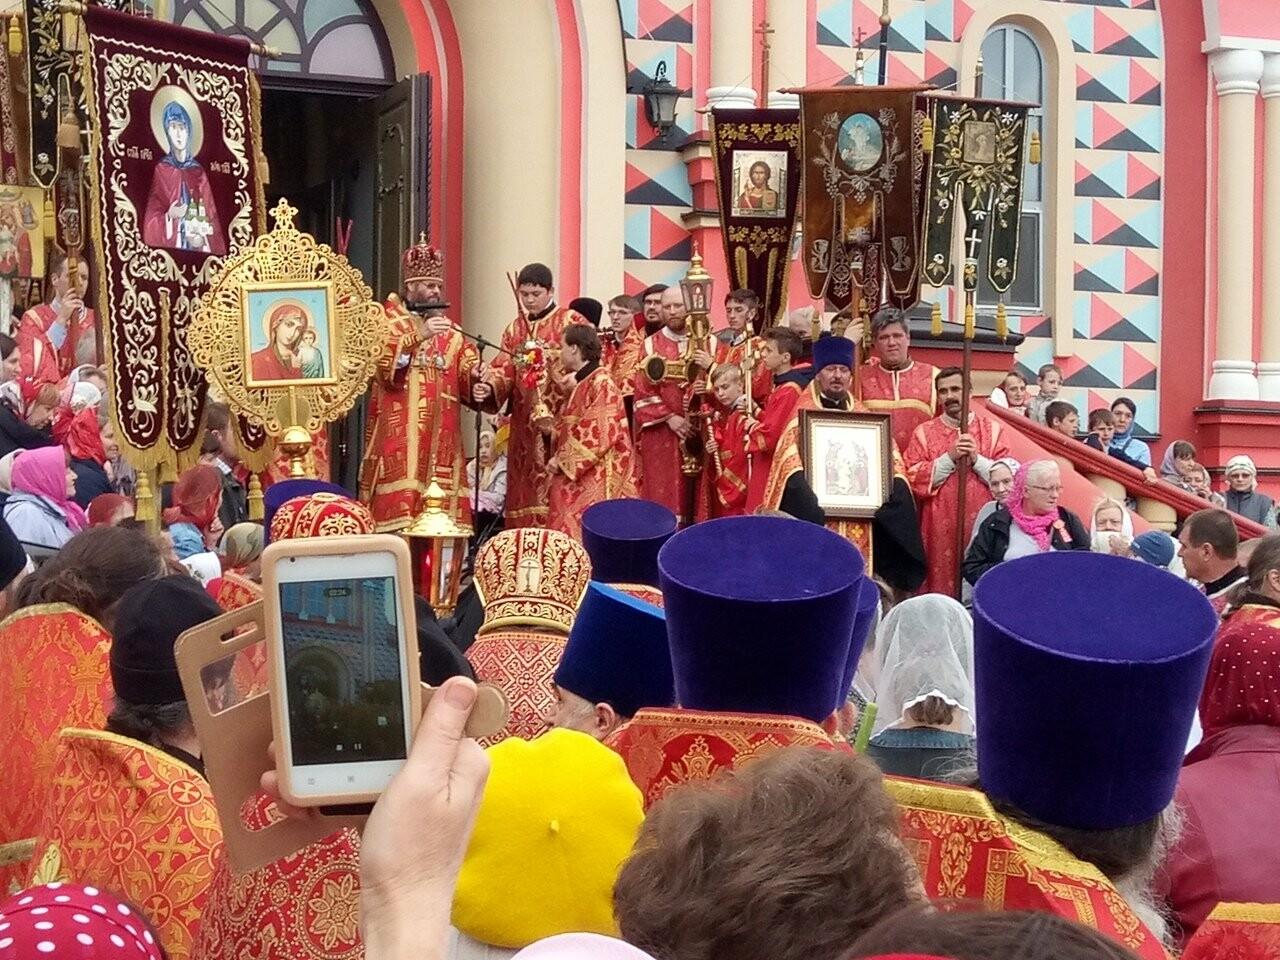 Тамбовские верующие совершили пасхальный крестный ход по улицам Тамбова, фото-11